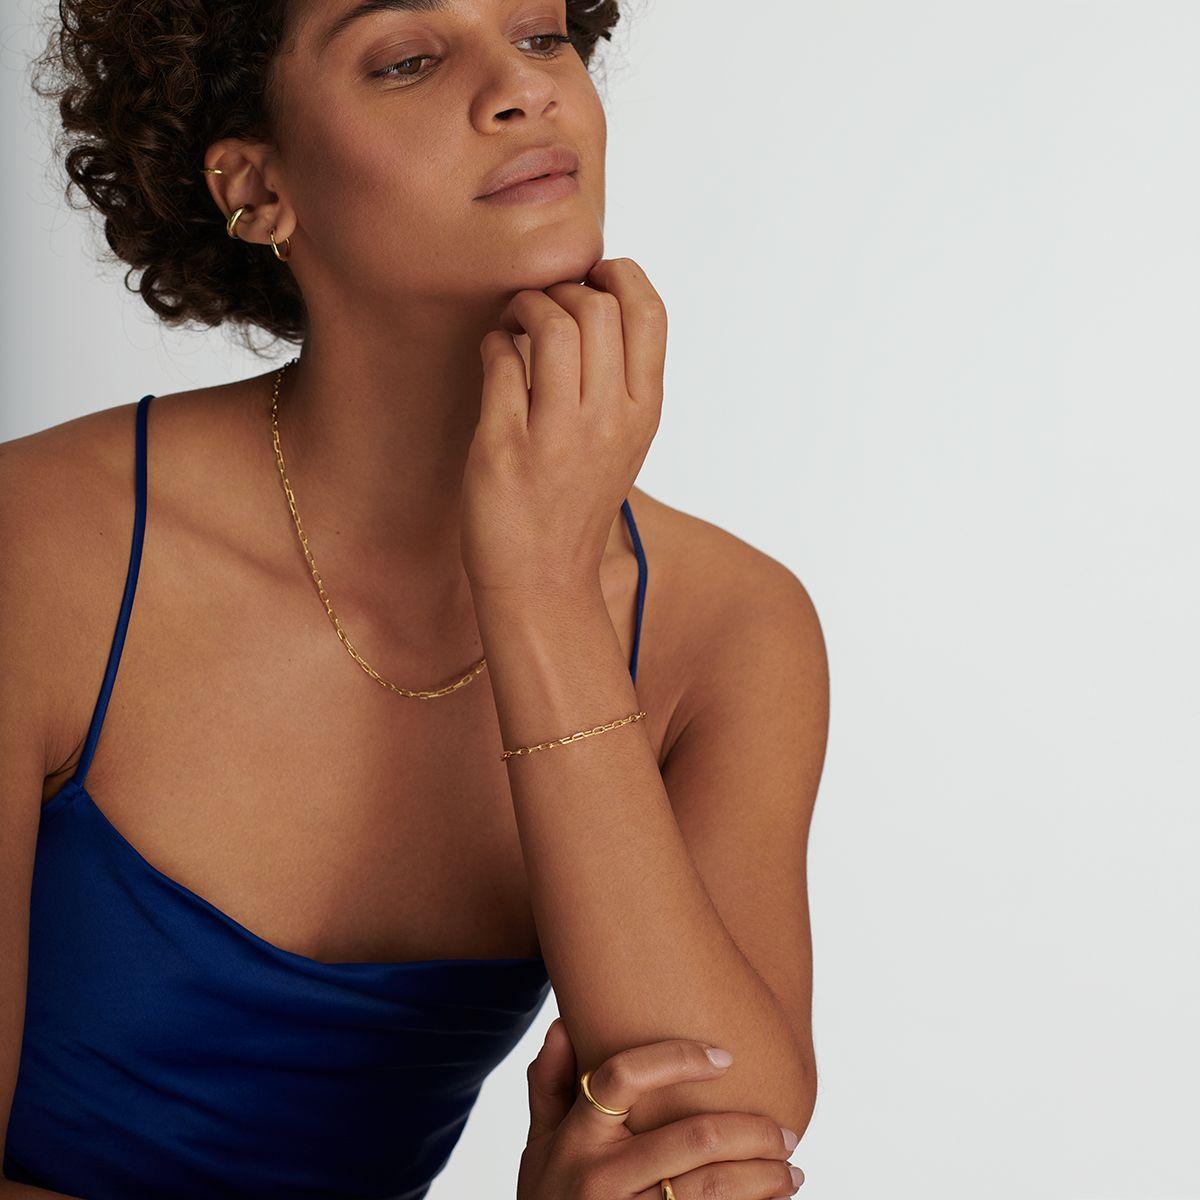 Célia - Armband - 18k vergoldet